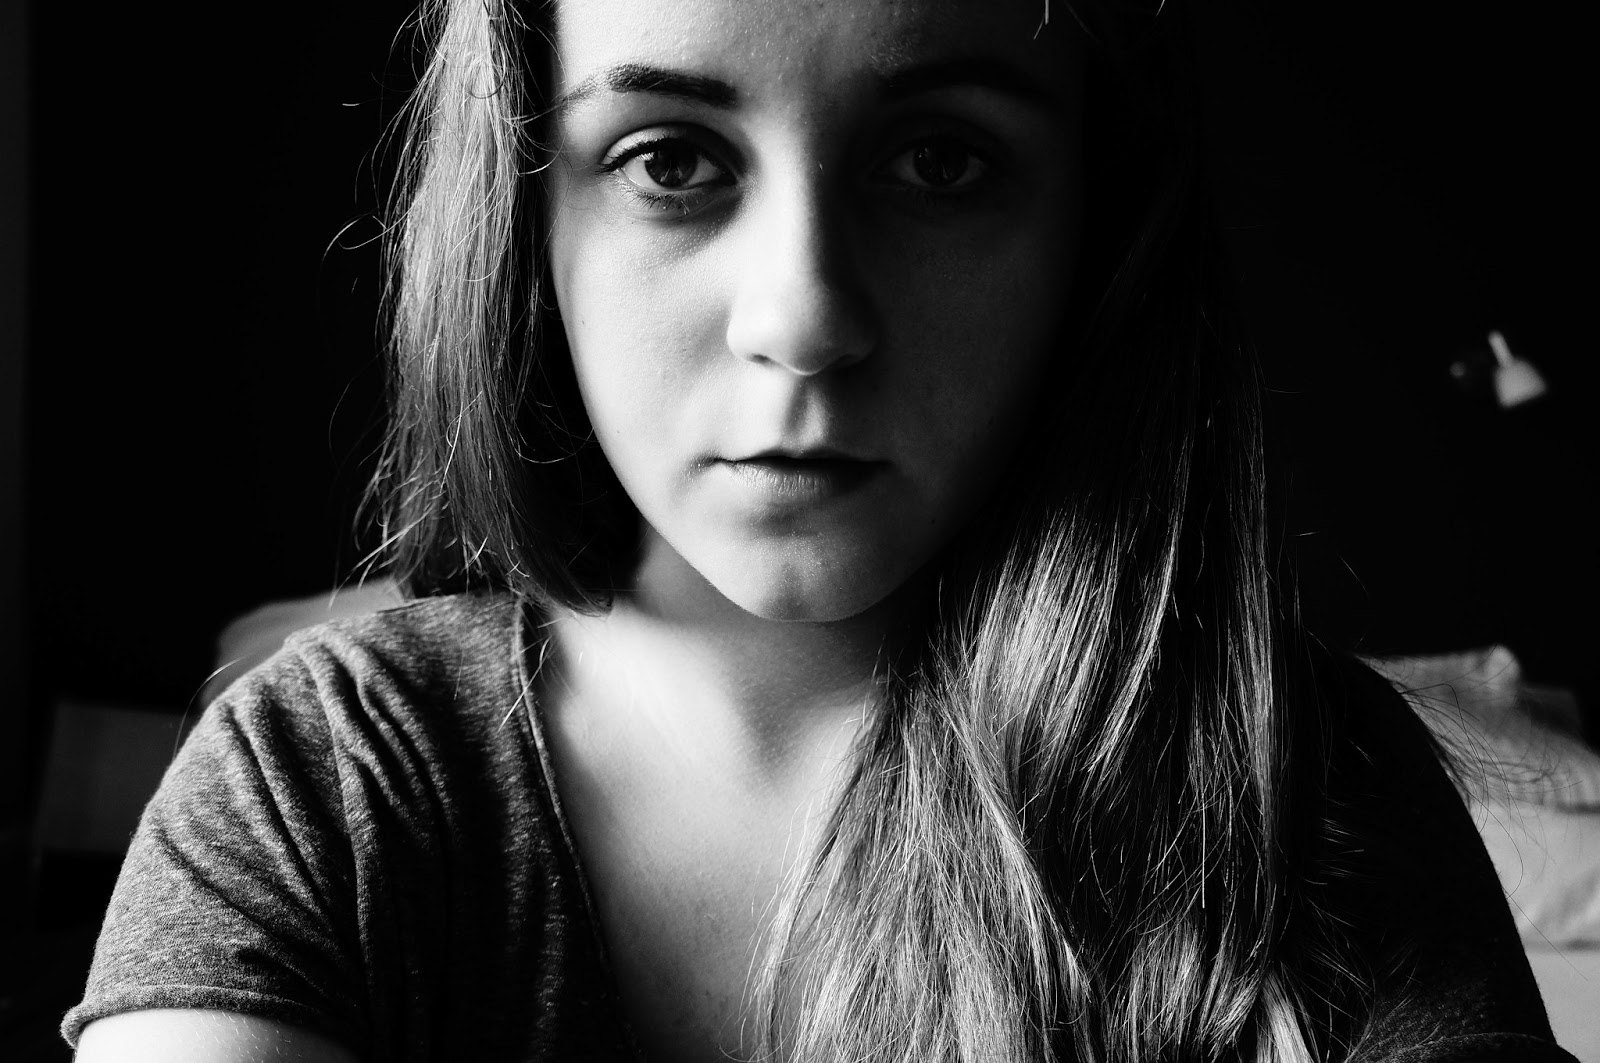 In einem schwarzen fotoalbum